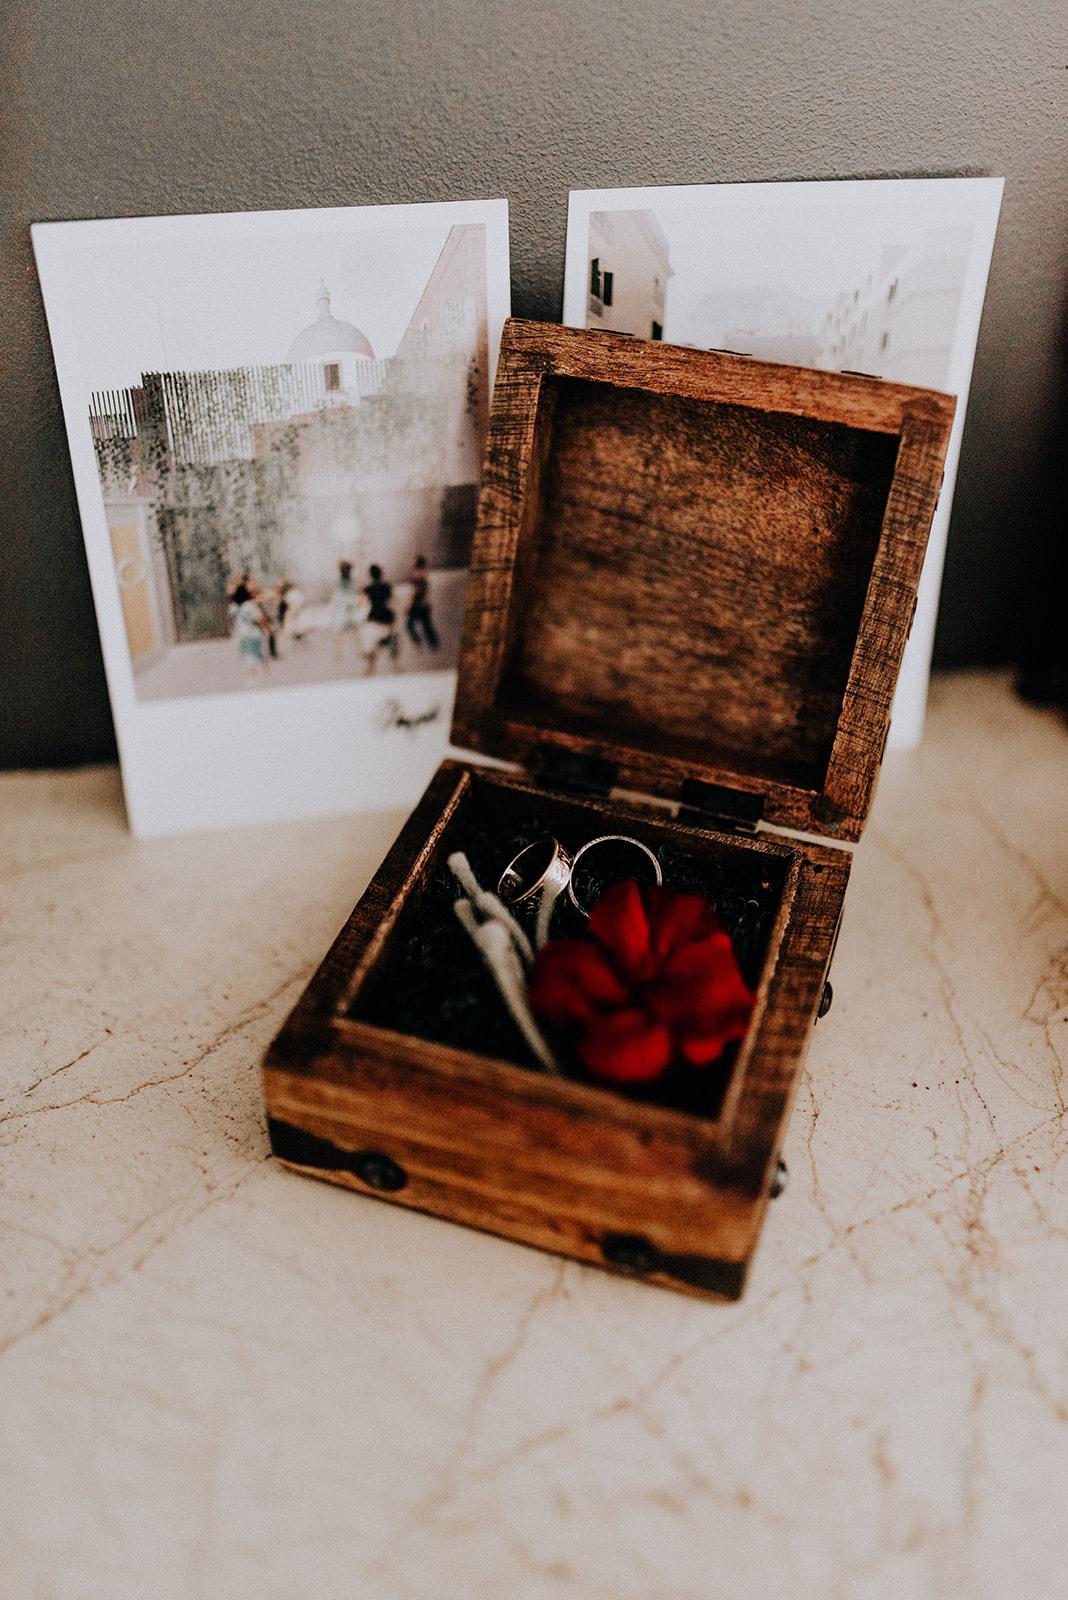 Baśniowy ślub w Tabunie | ceremonia w plenerze A+M 17 alebosco ania mateusz tabun 89ab